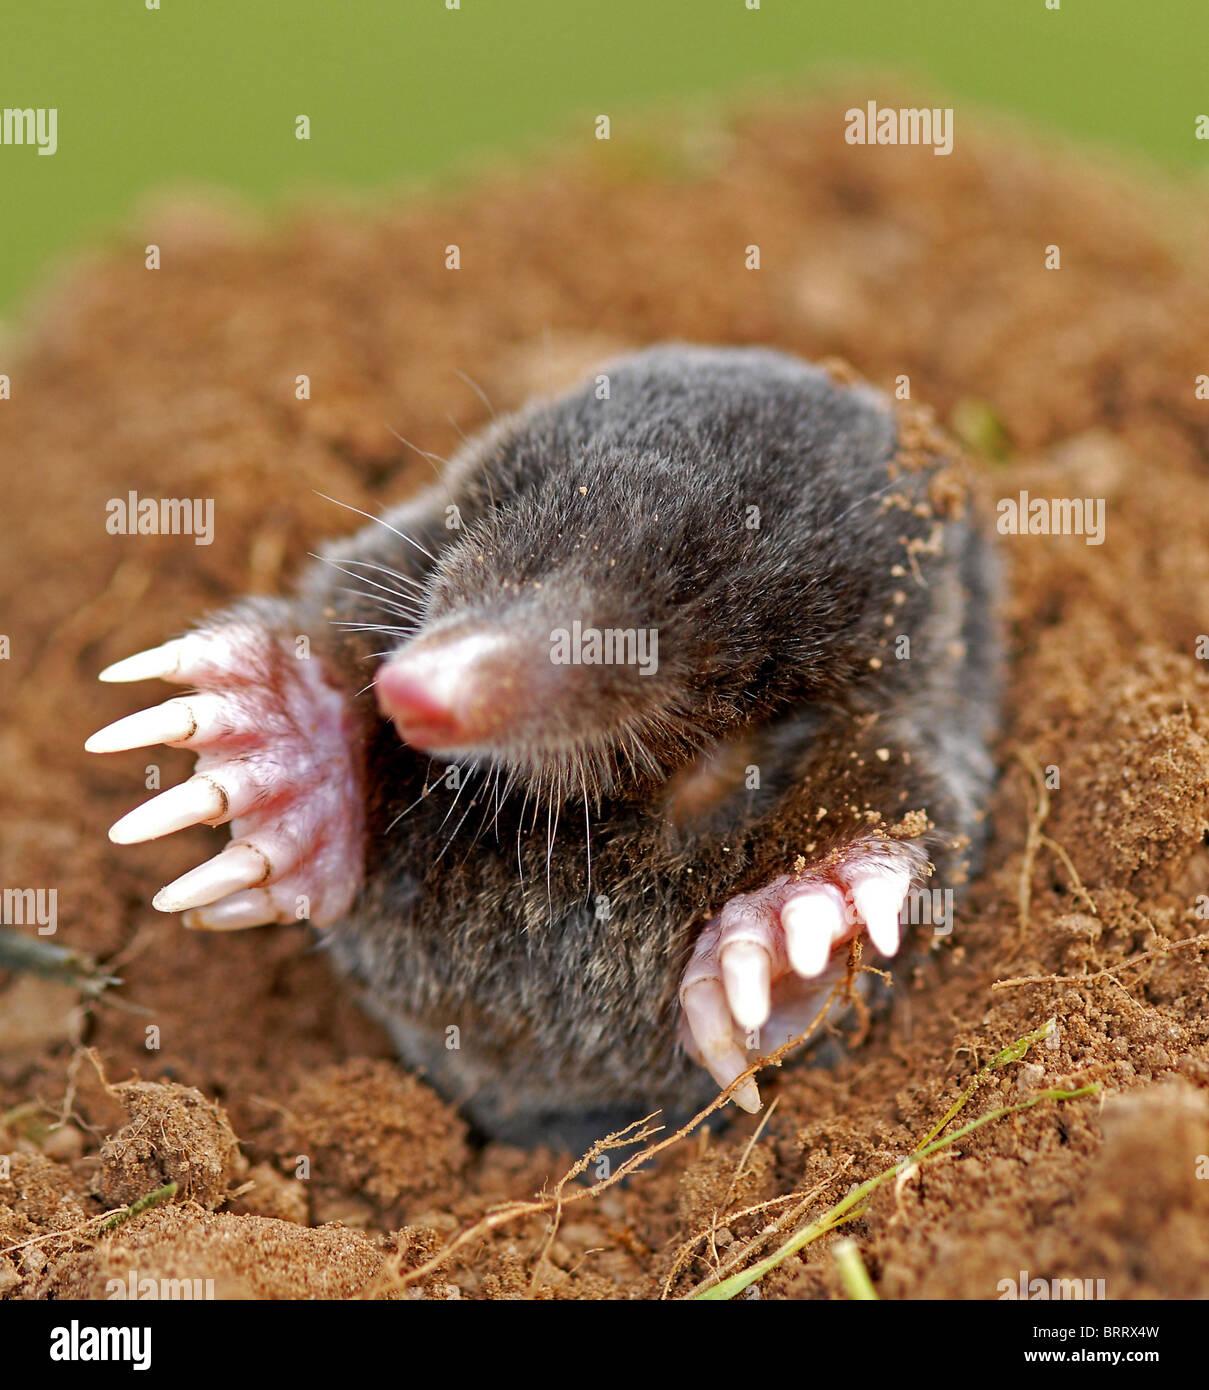 La mole (talpa europaea) considerata come una peste in giardino Immagini Stock